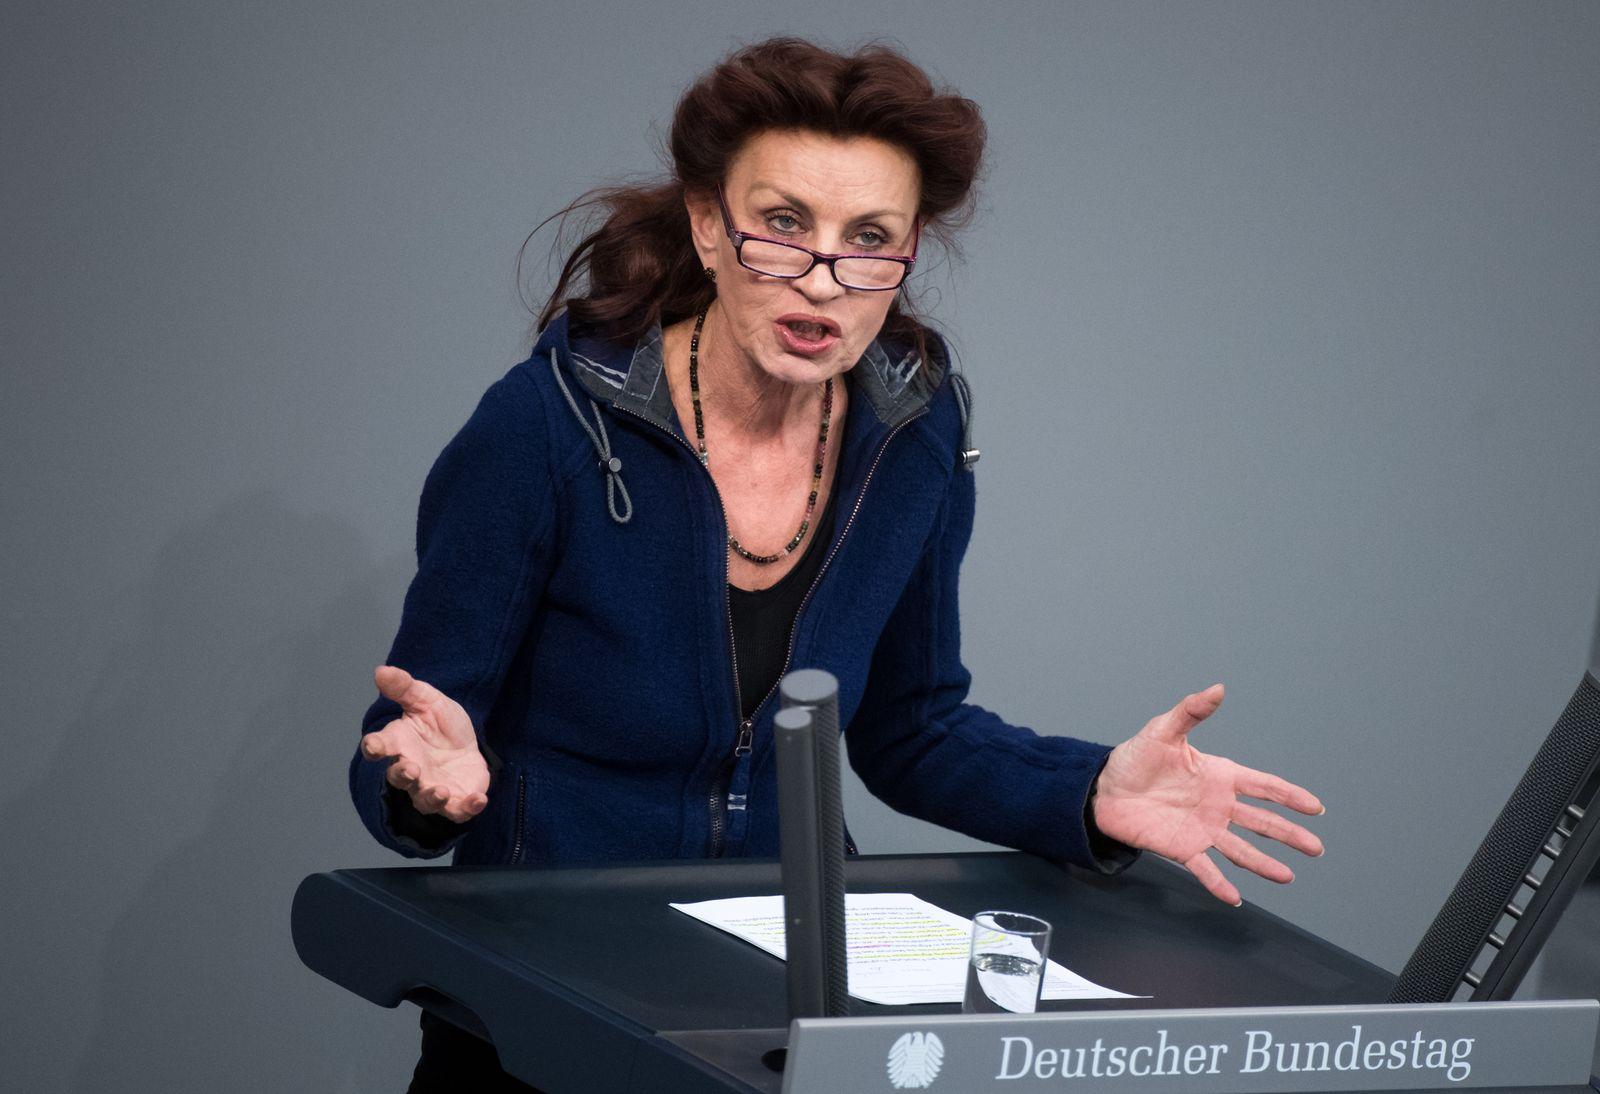 Ursula Jelpke